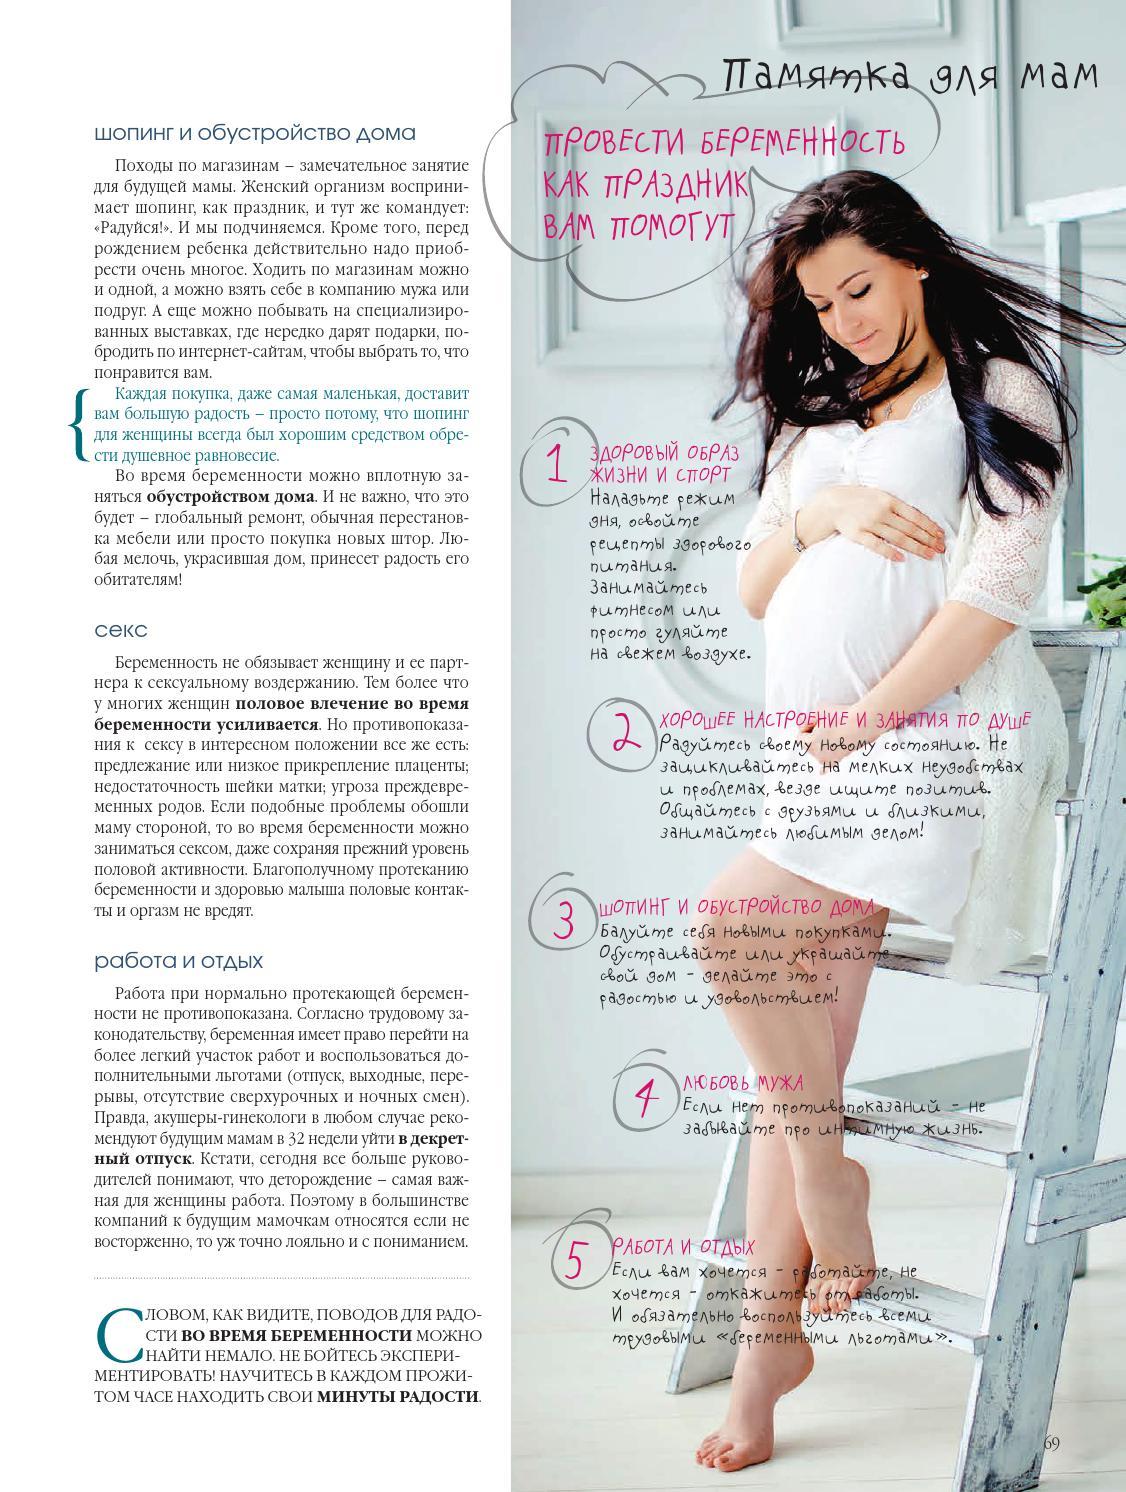 работа беременным модель